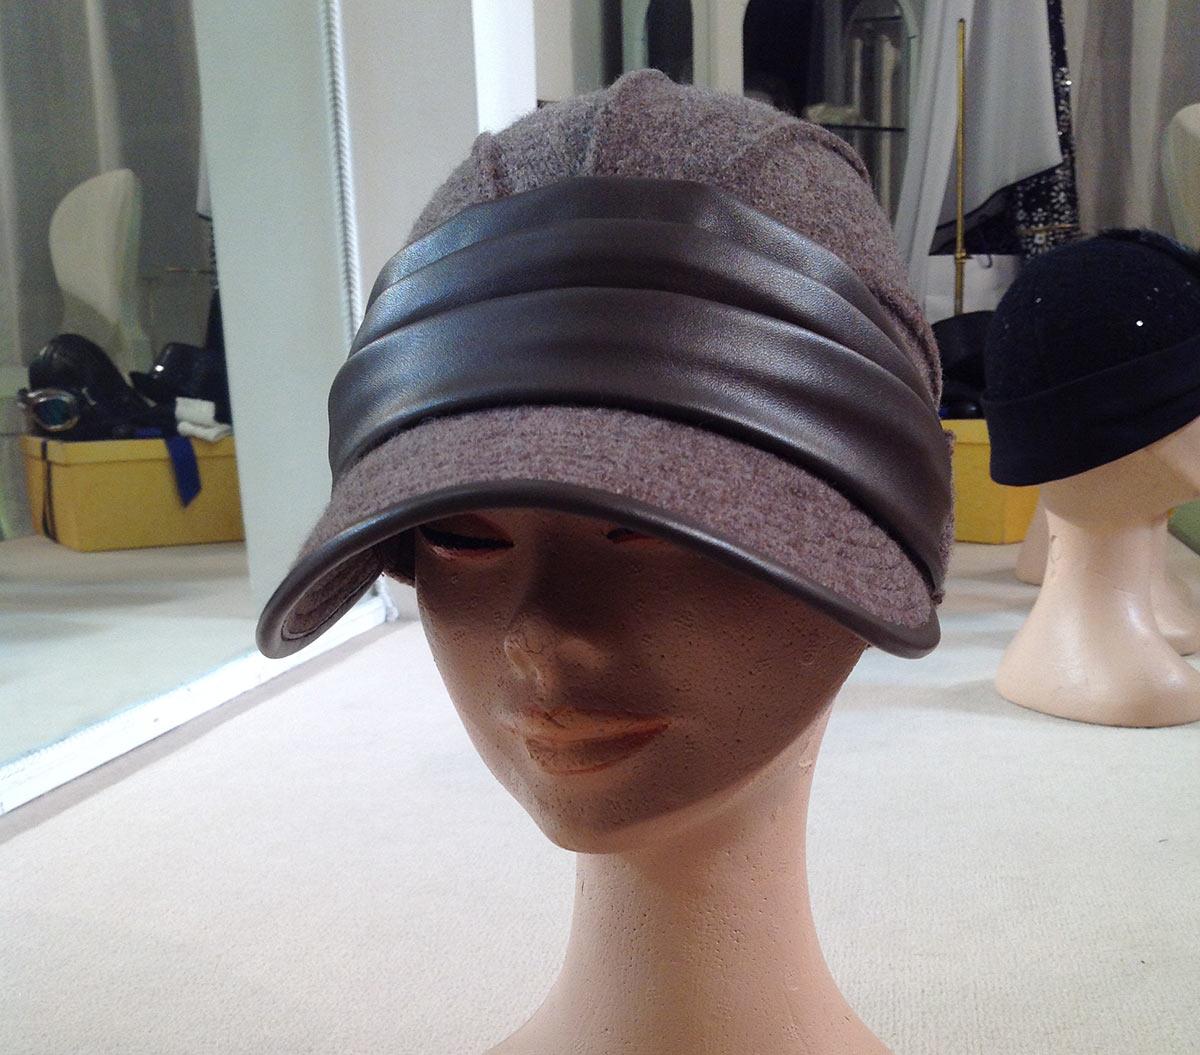 9eb967b0f98 Boiled Wool Cloche with Leather - Atelier Alberto Lusona - Cloche ...